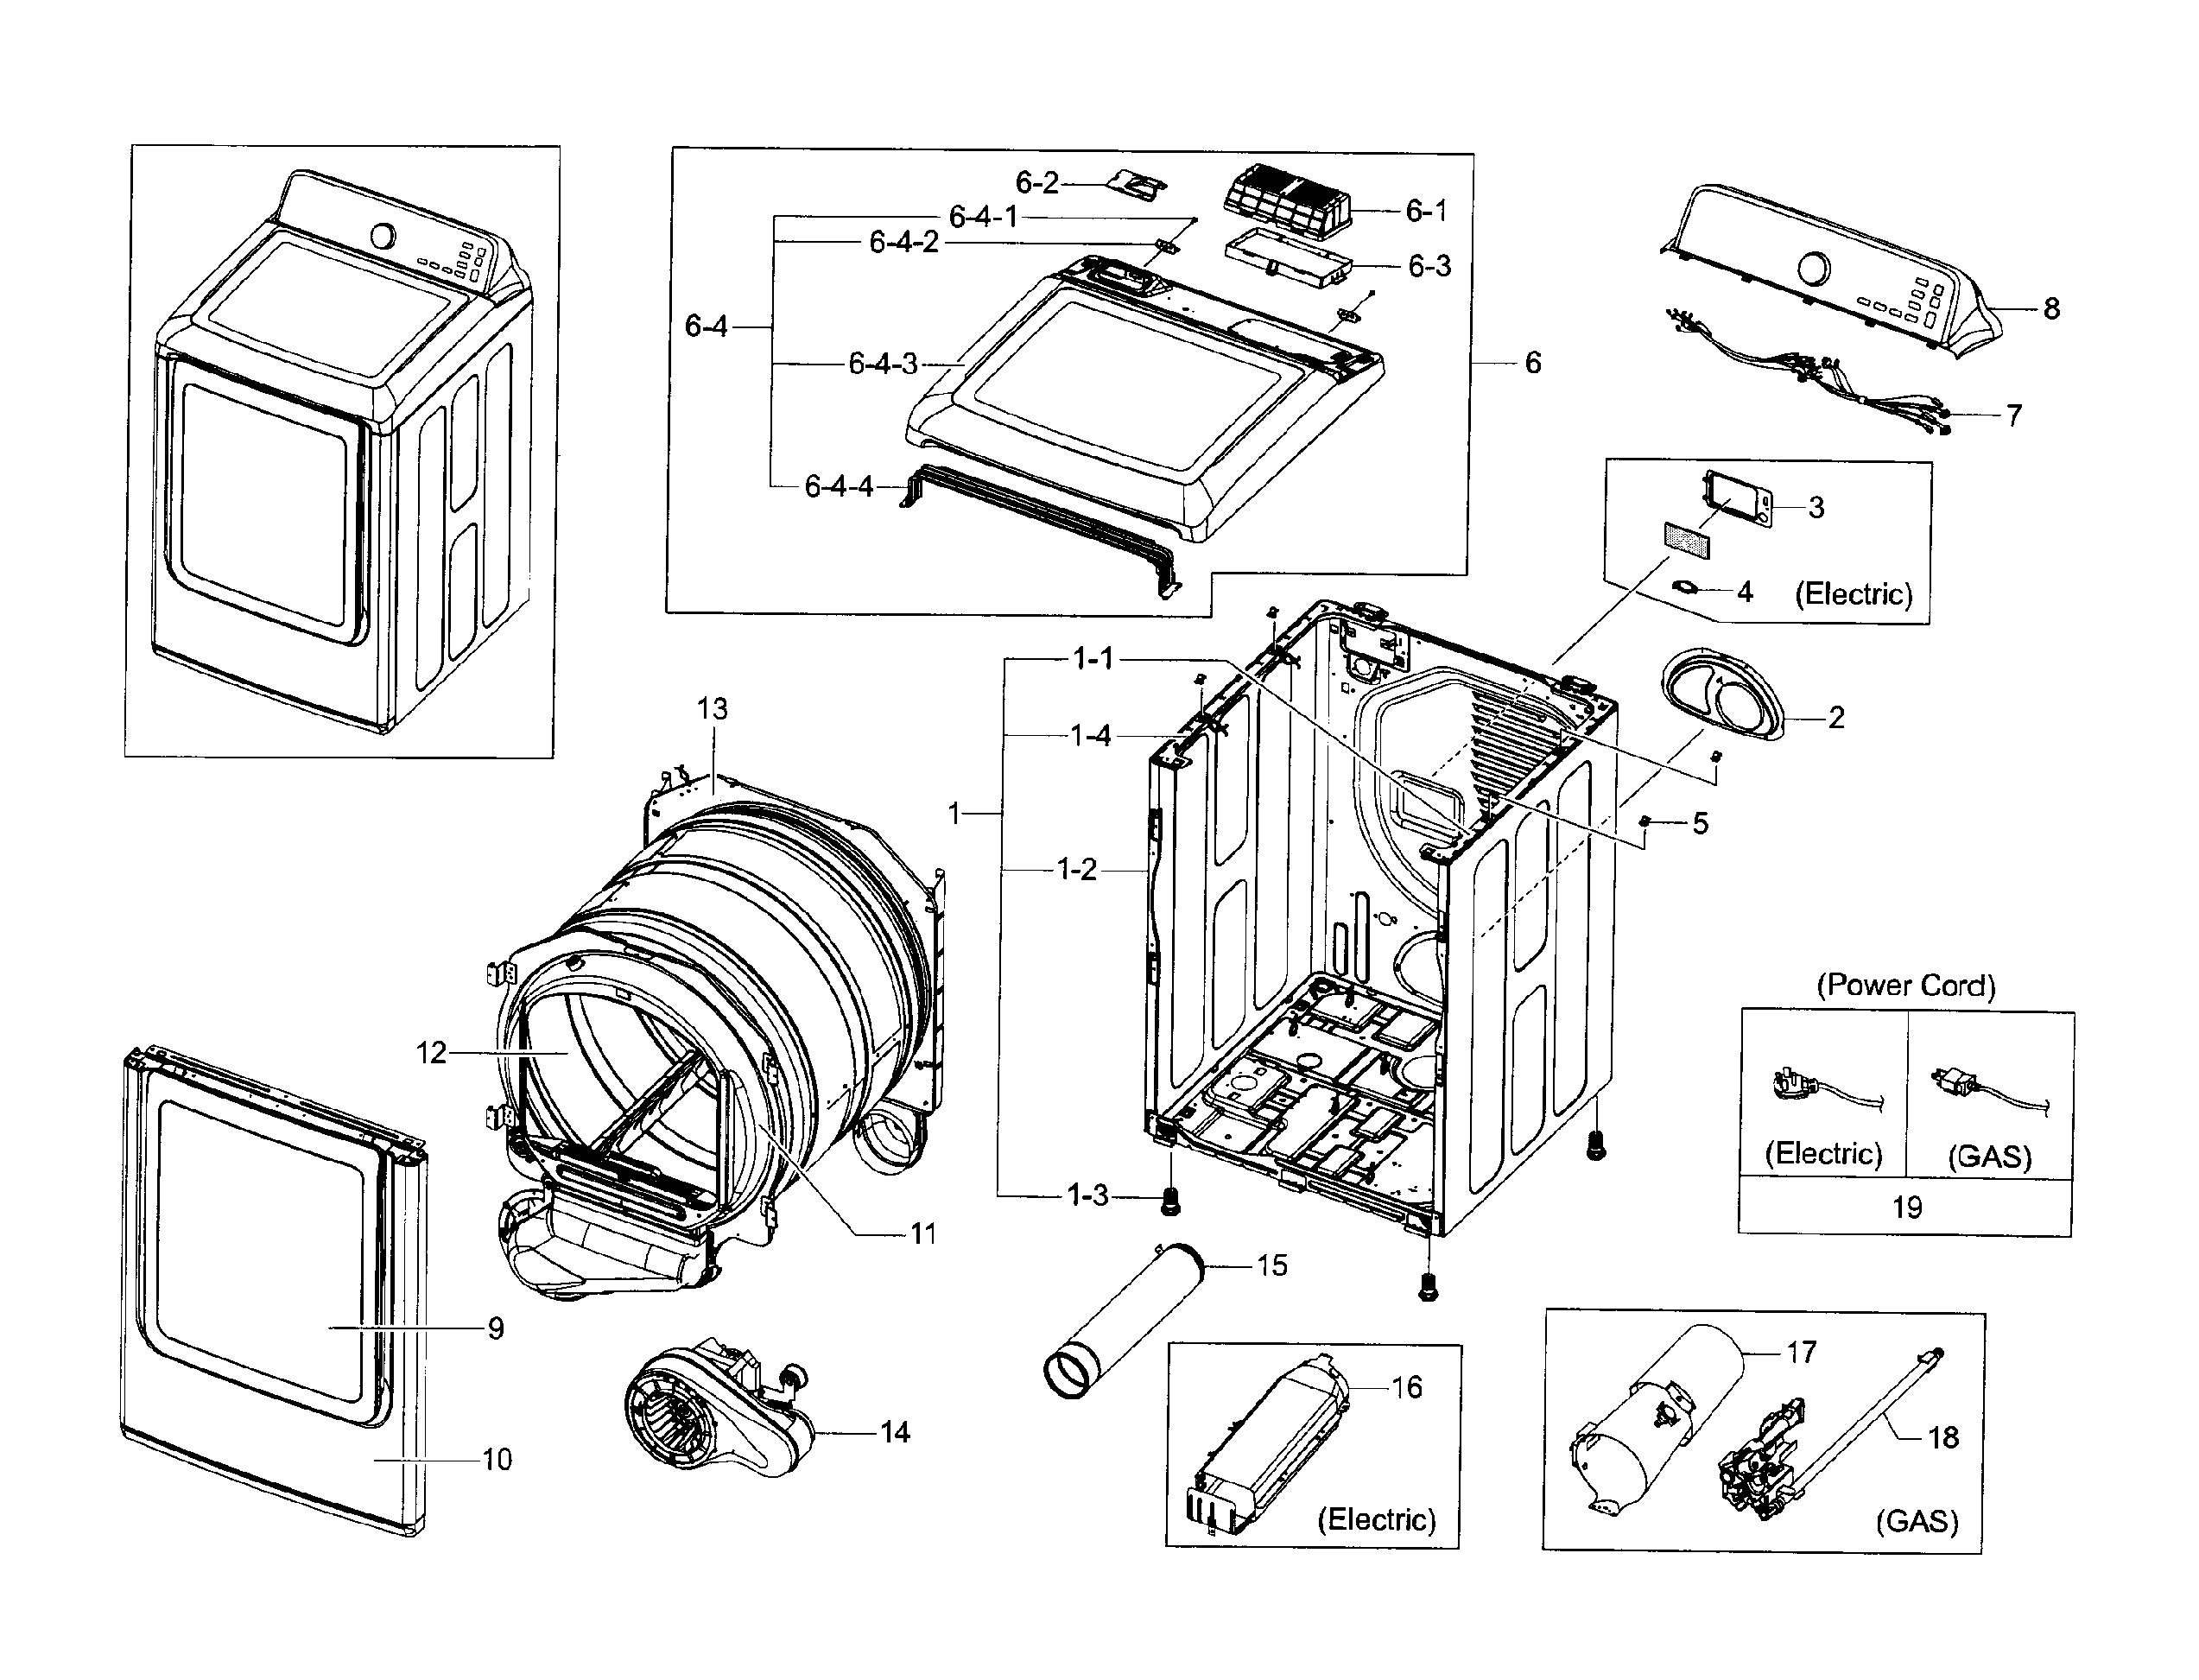 Dv45h7000ew A2 Wiring Diagram Samsung Dv45h7000ew A2 00 Dryer Parts Of Dv45h7000ew A2 Wiring Diagram